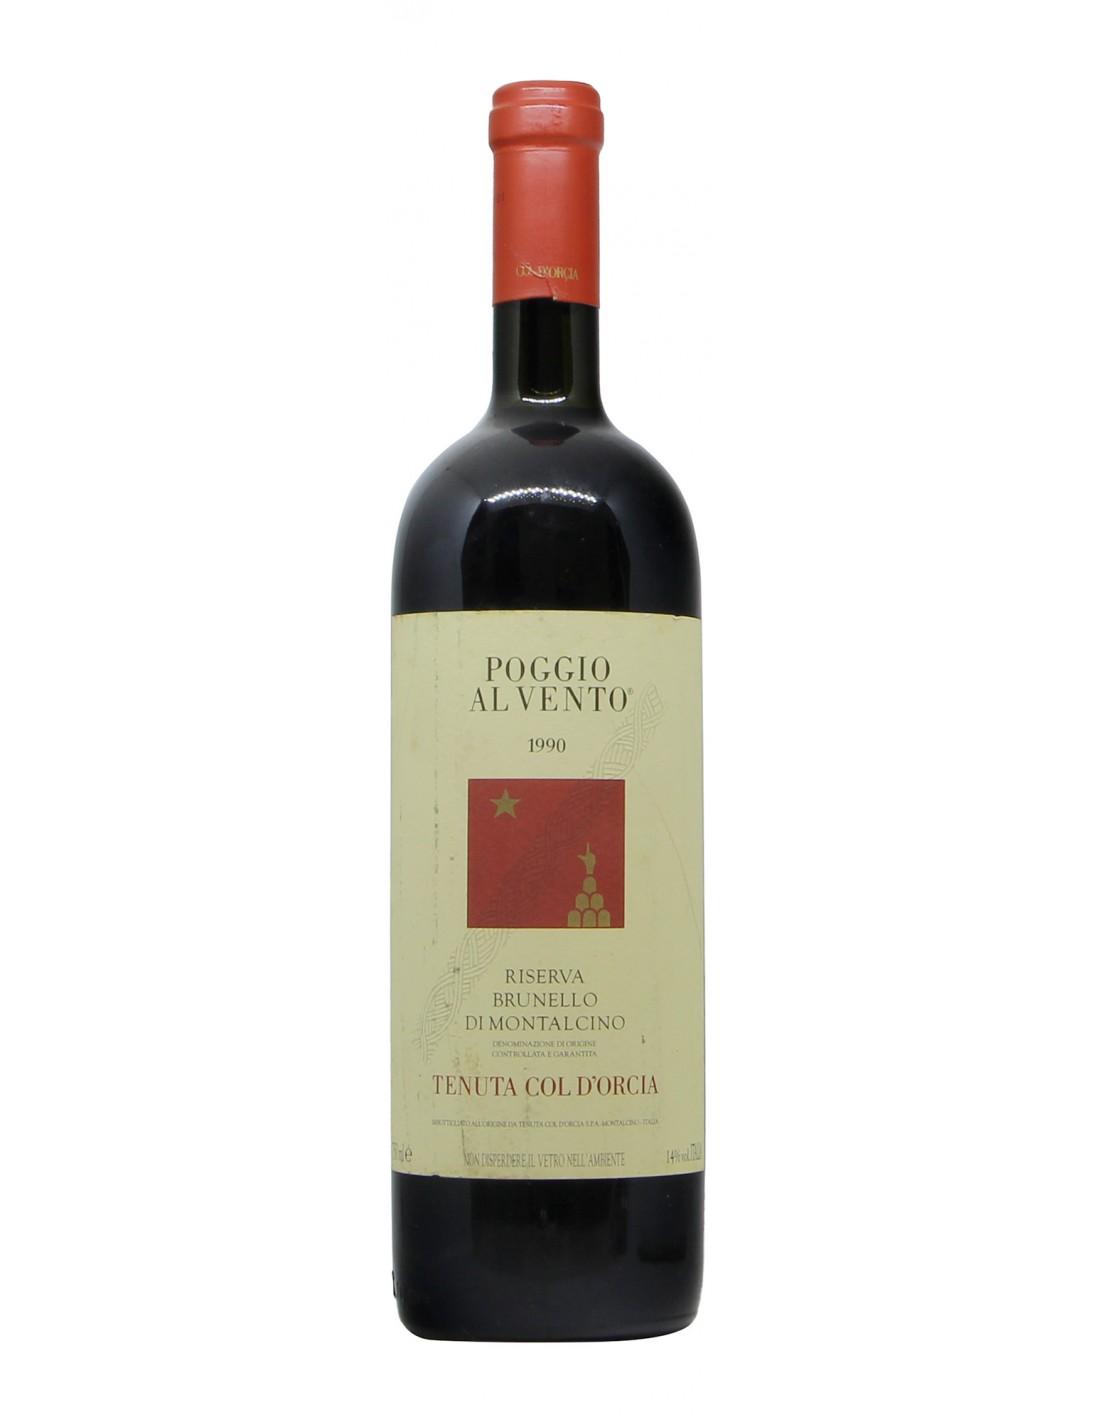 BRUNELLO DI MONTALCINO RISERVA POGGIO AL VENTO 1990 TENUTA COL D'ORCIA Grandi Bottiglie